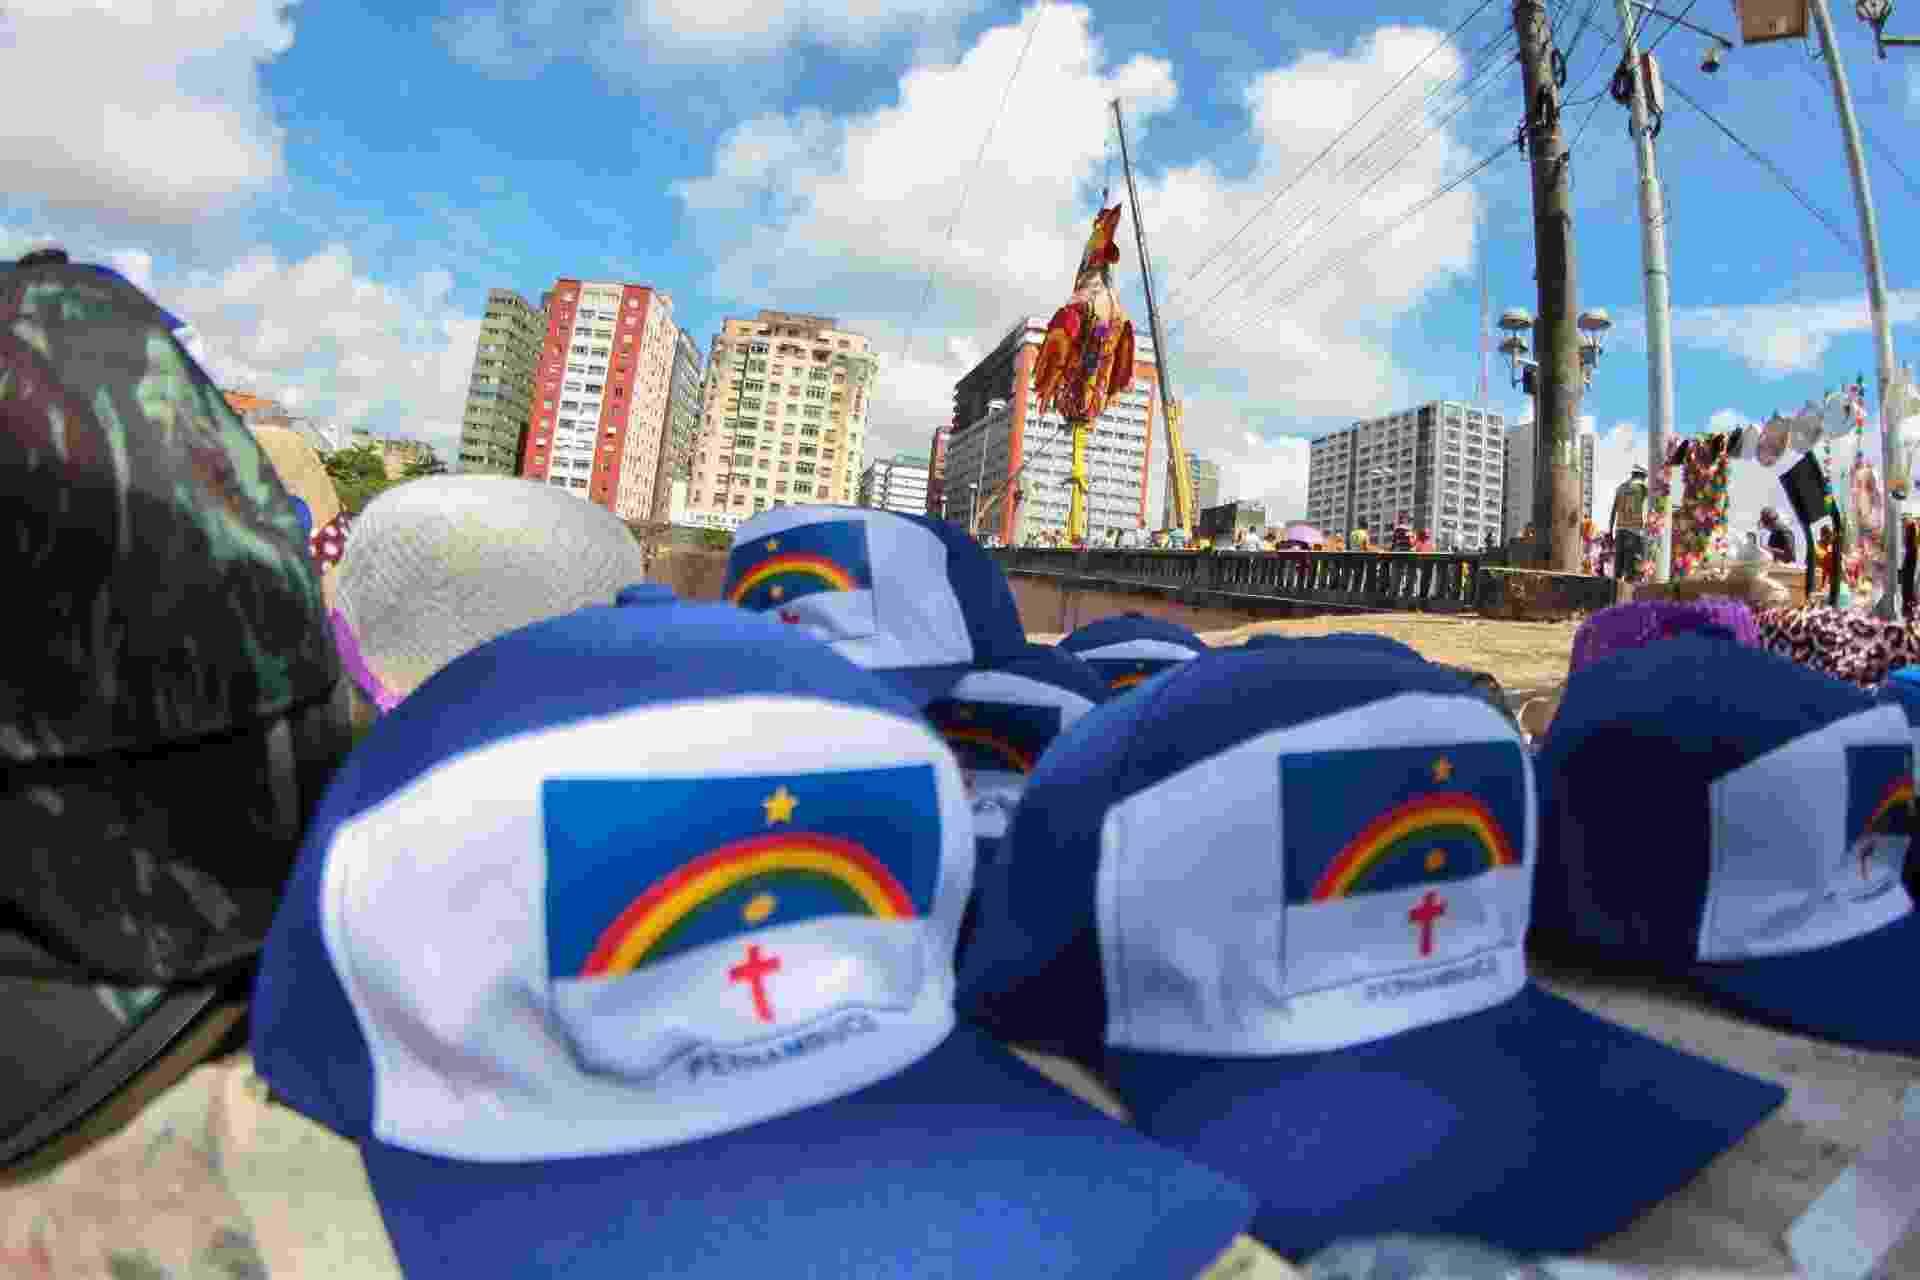 Milhões de pessoas são esperadas nas ruas de Recife para a folia do Galo da Madrugada neste sábado (24) - Marlon Costa/ Futura Press/ Estadão Conteúdo